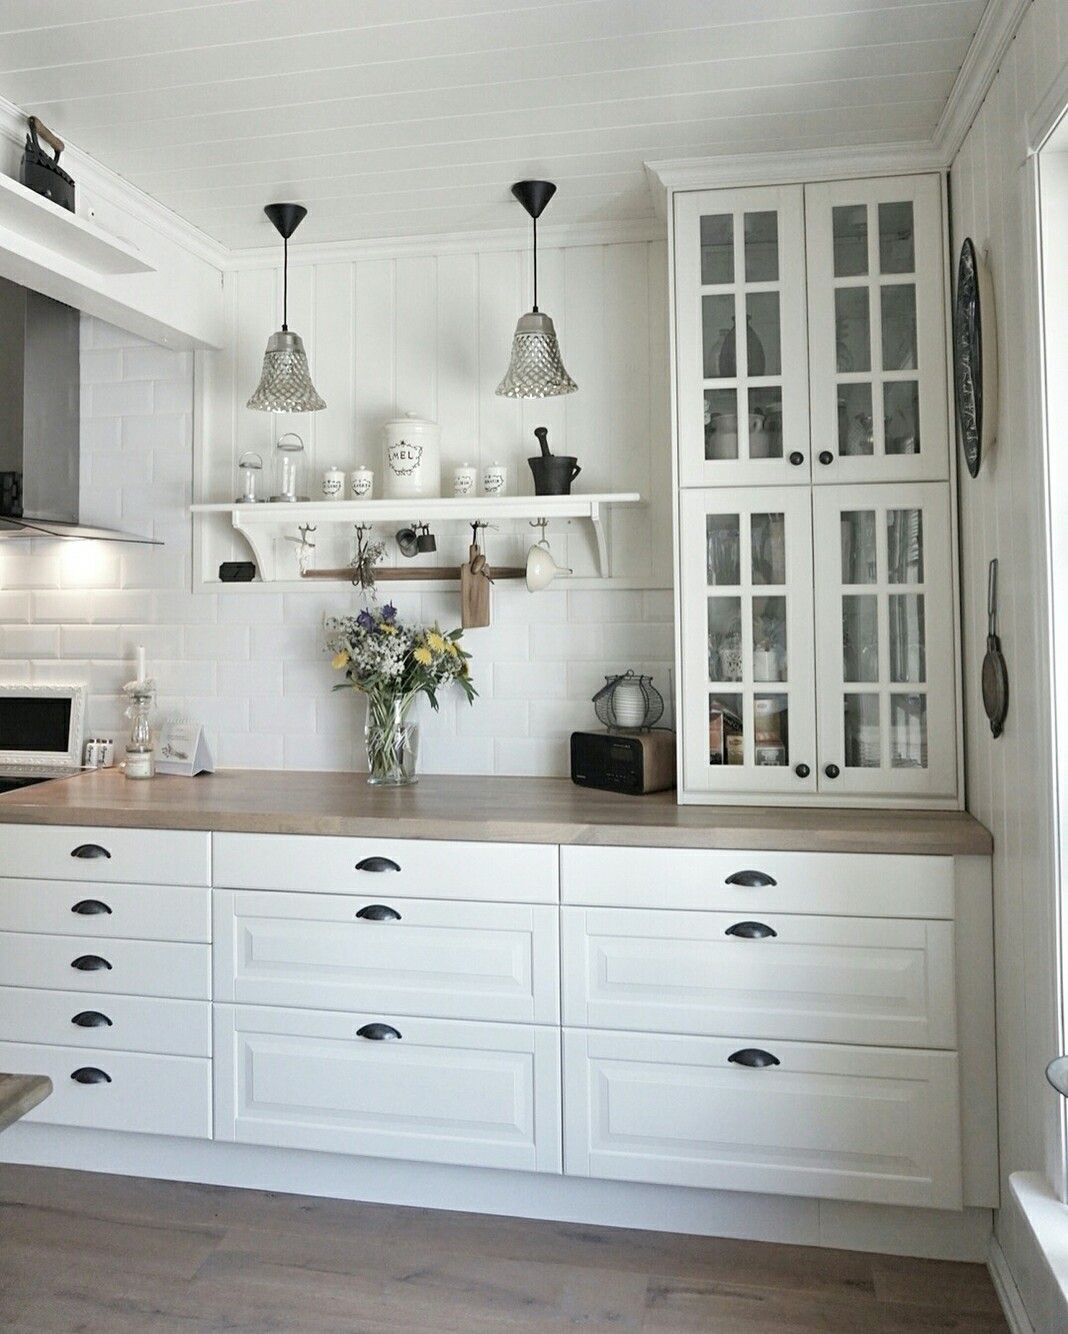 Pin von Ялена Мотовилова auf кухня | Pinterest | Küche, Wohnideen ...